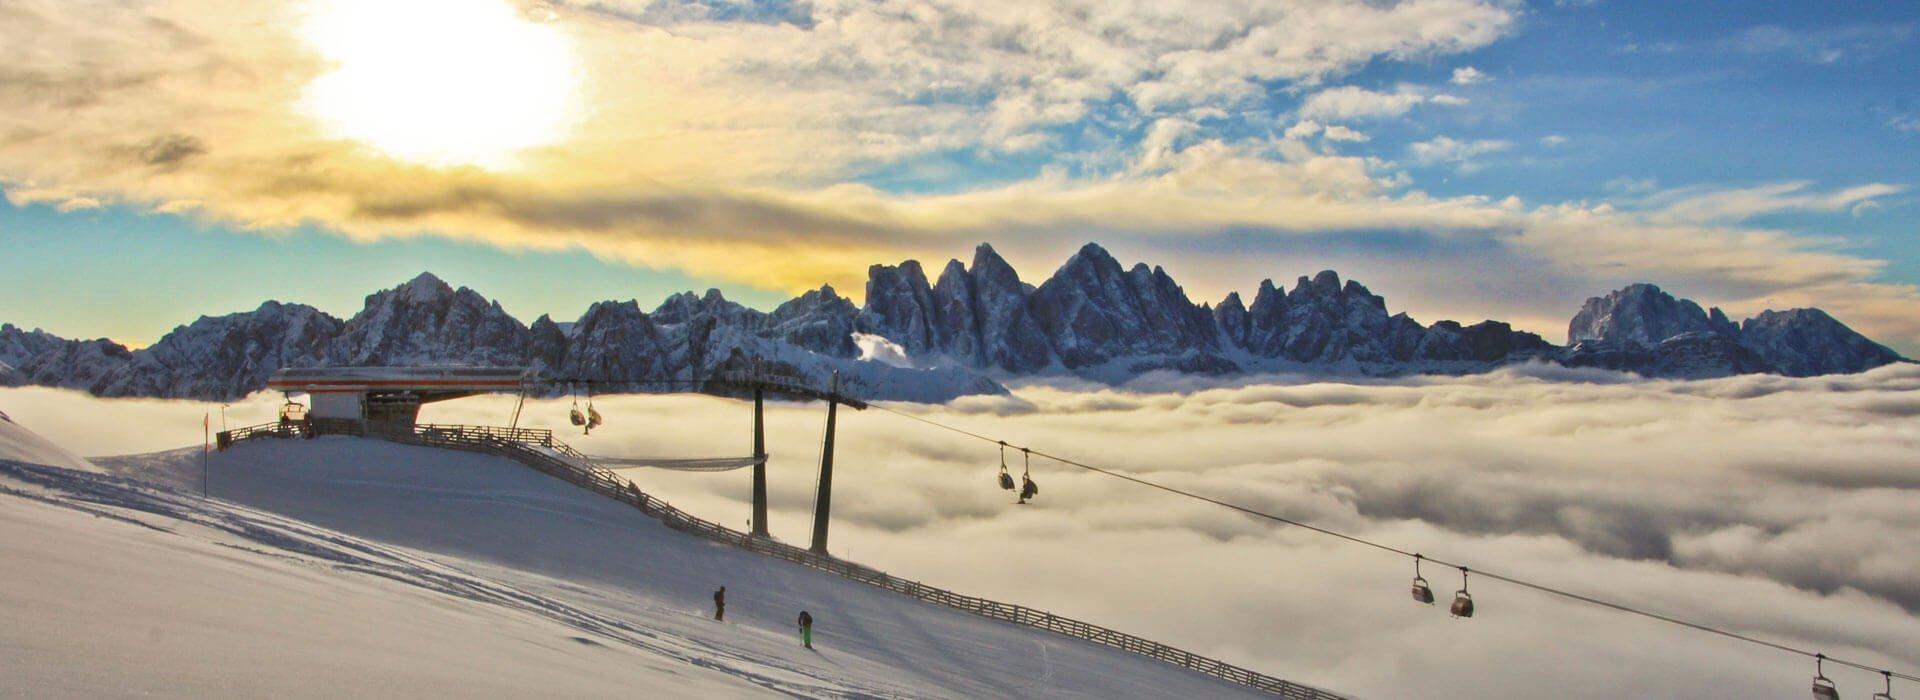 skiurlaub-brixen-plose